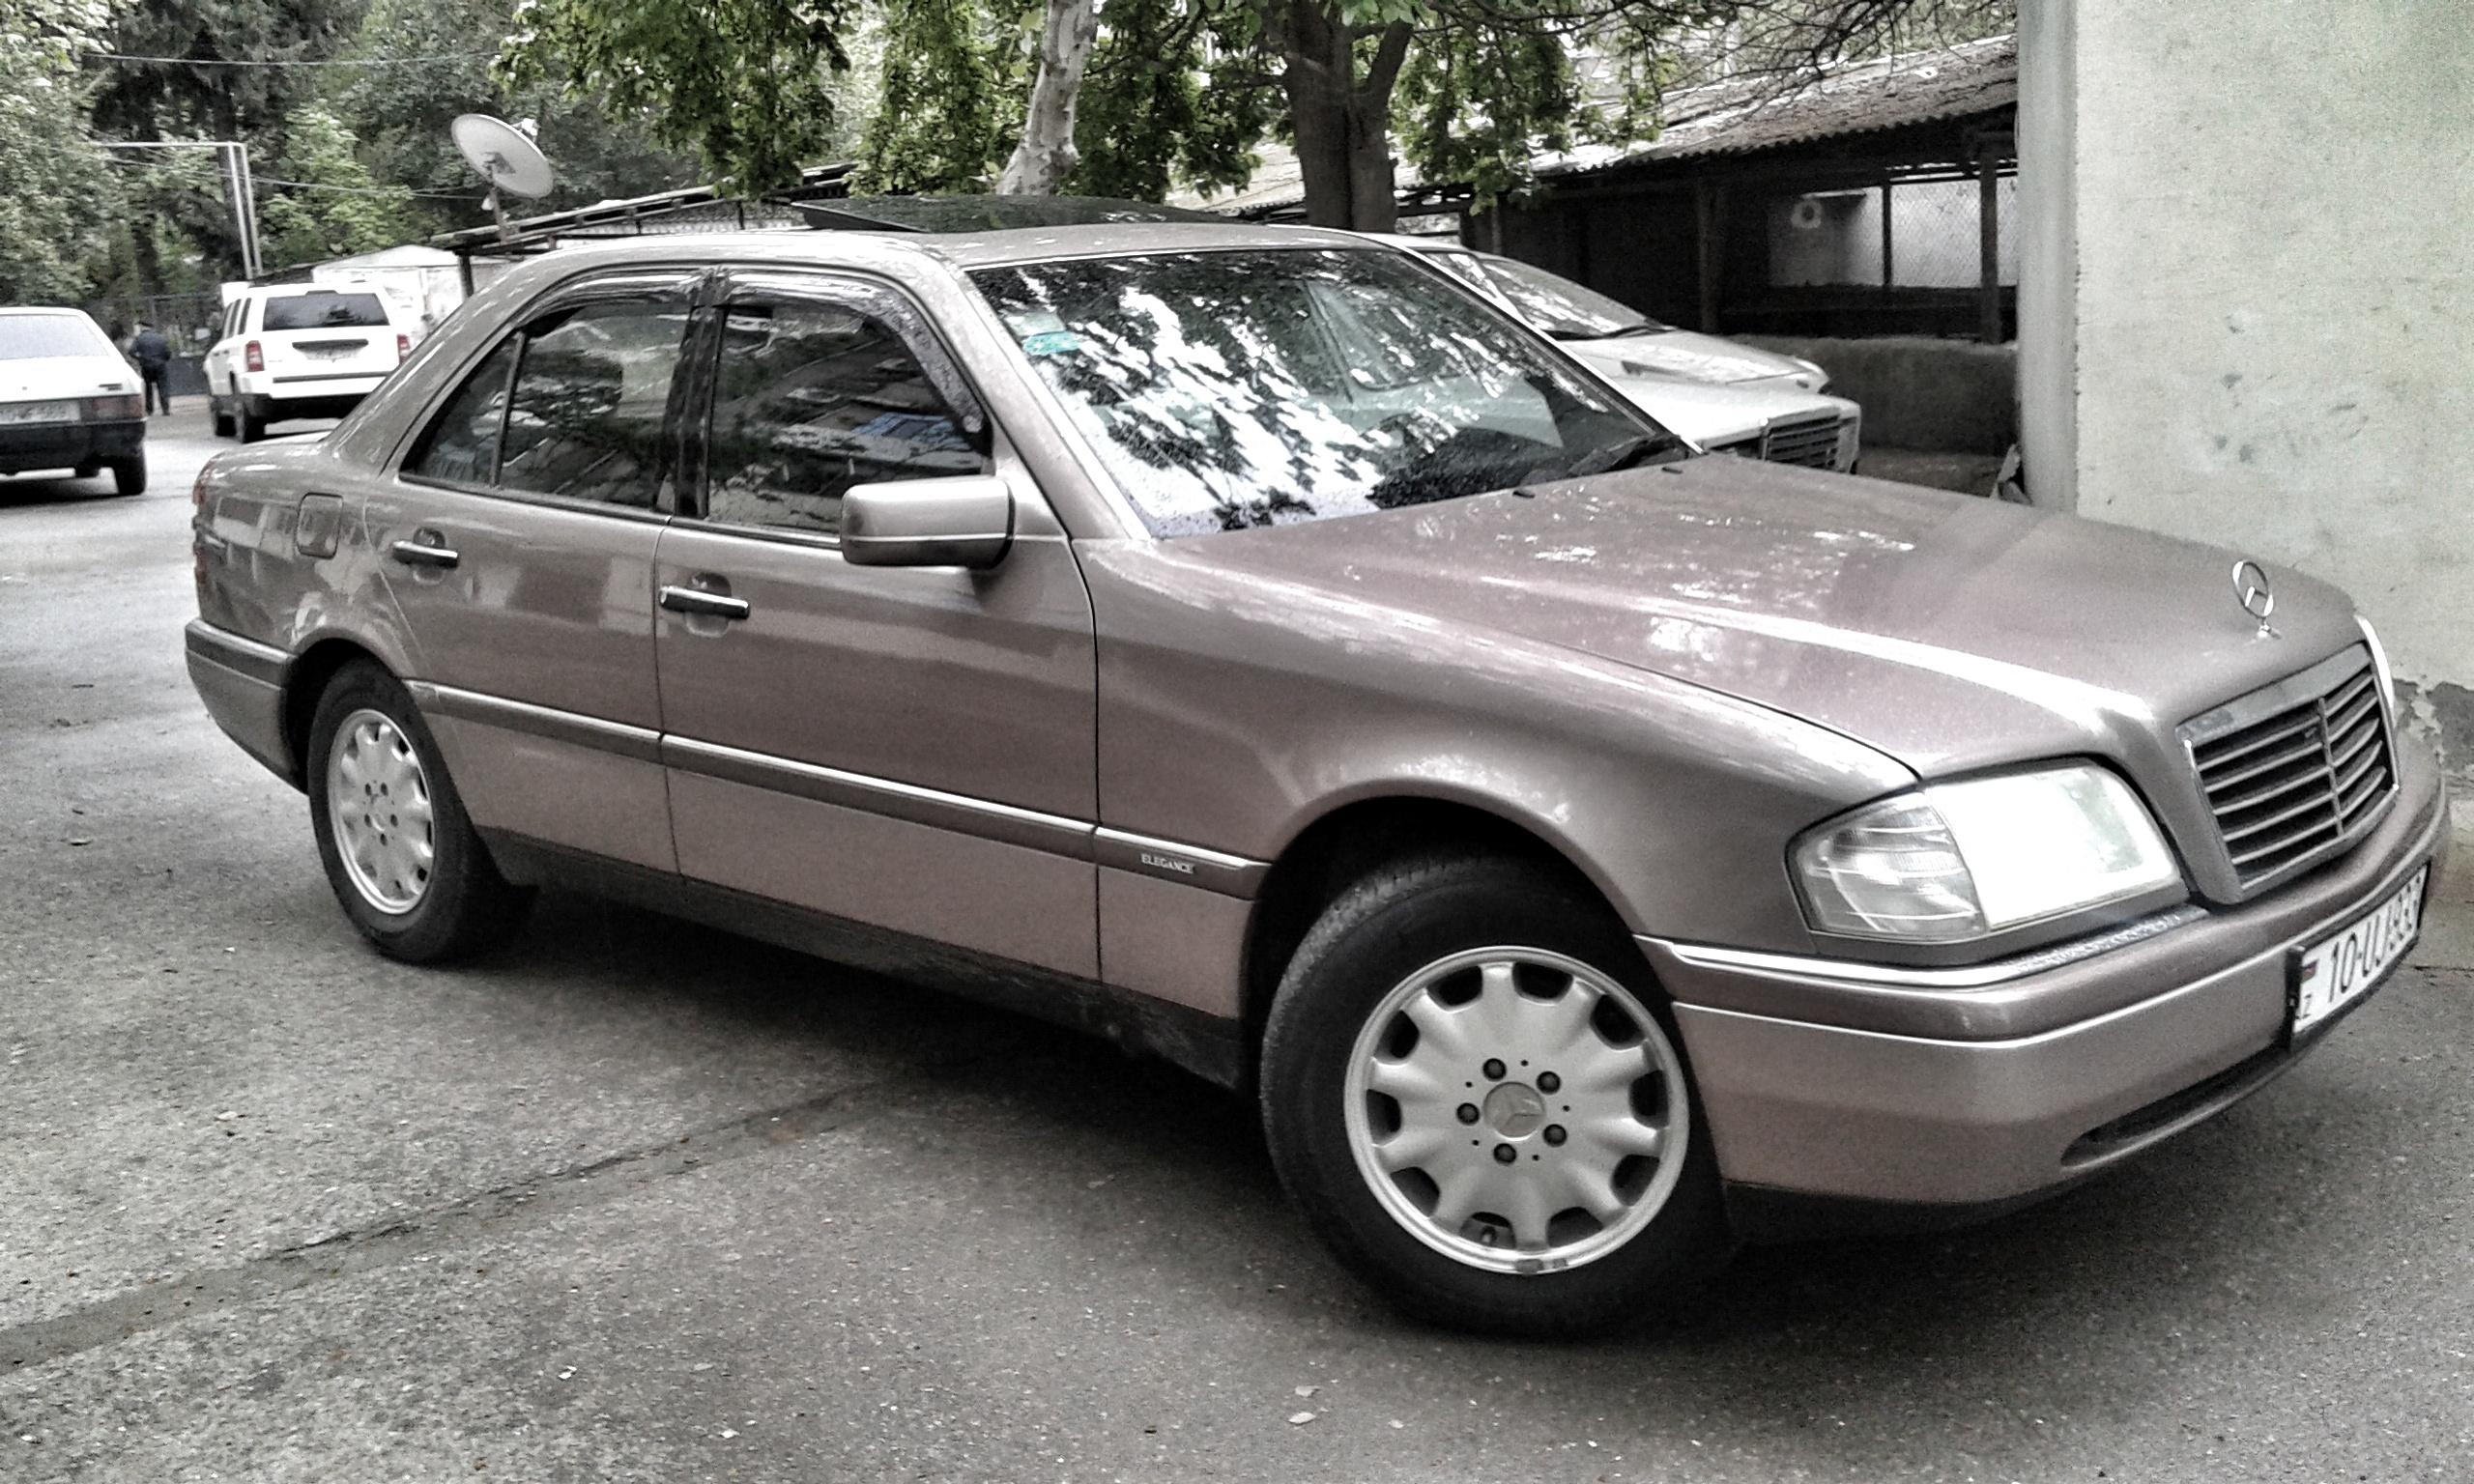 Mercedes-Benz C 180 1.8(lt) 1994 Подержанный  $8000